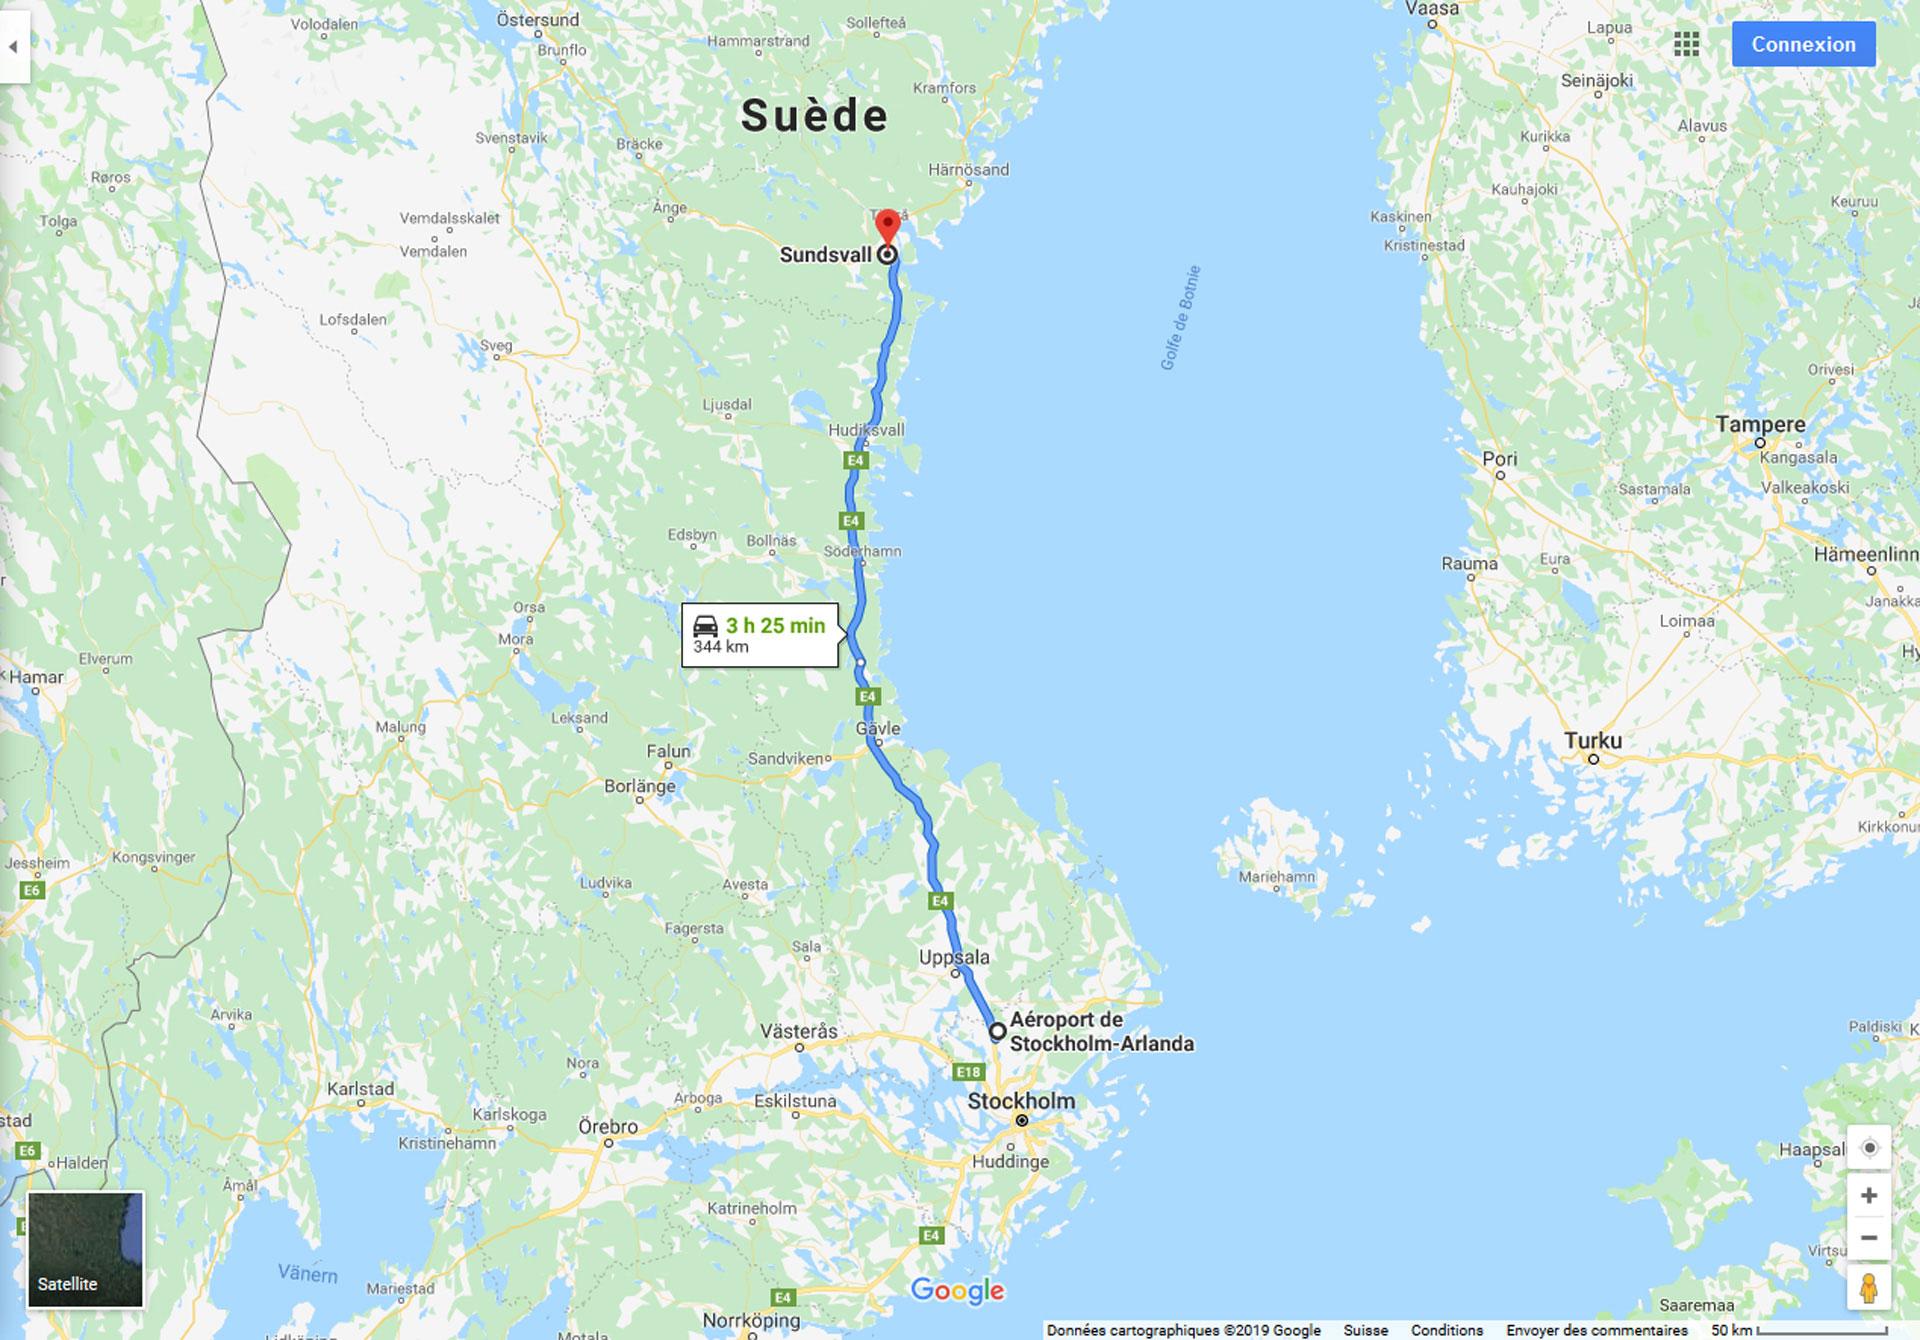 2019, scandinavie, stockholm, sundsvall